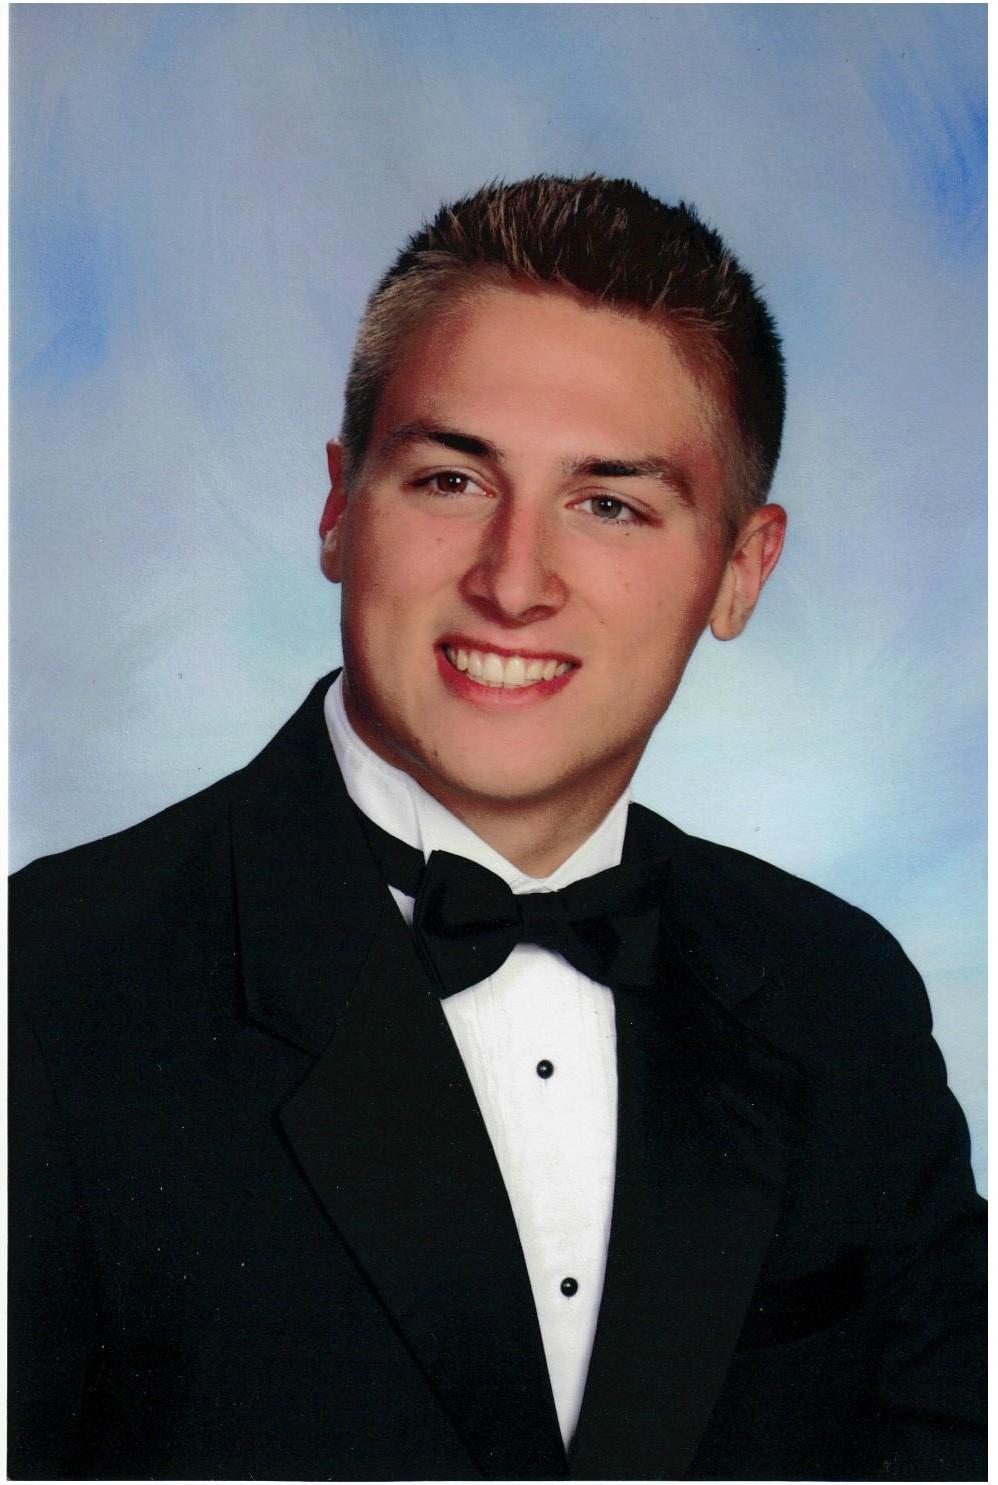 Austin Stewart - Carly Fund Scholarship Recipient 2013